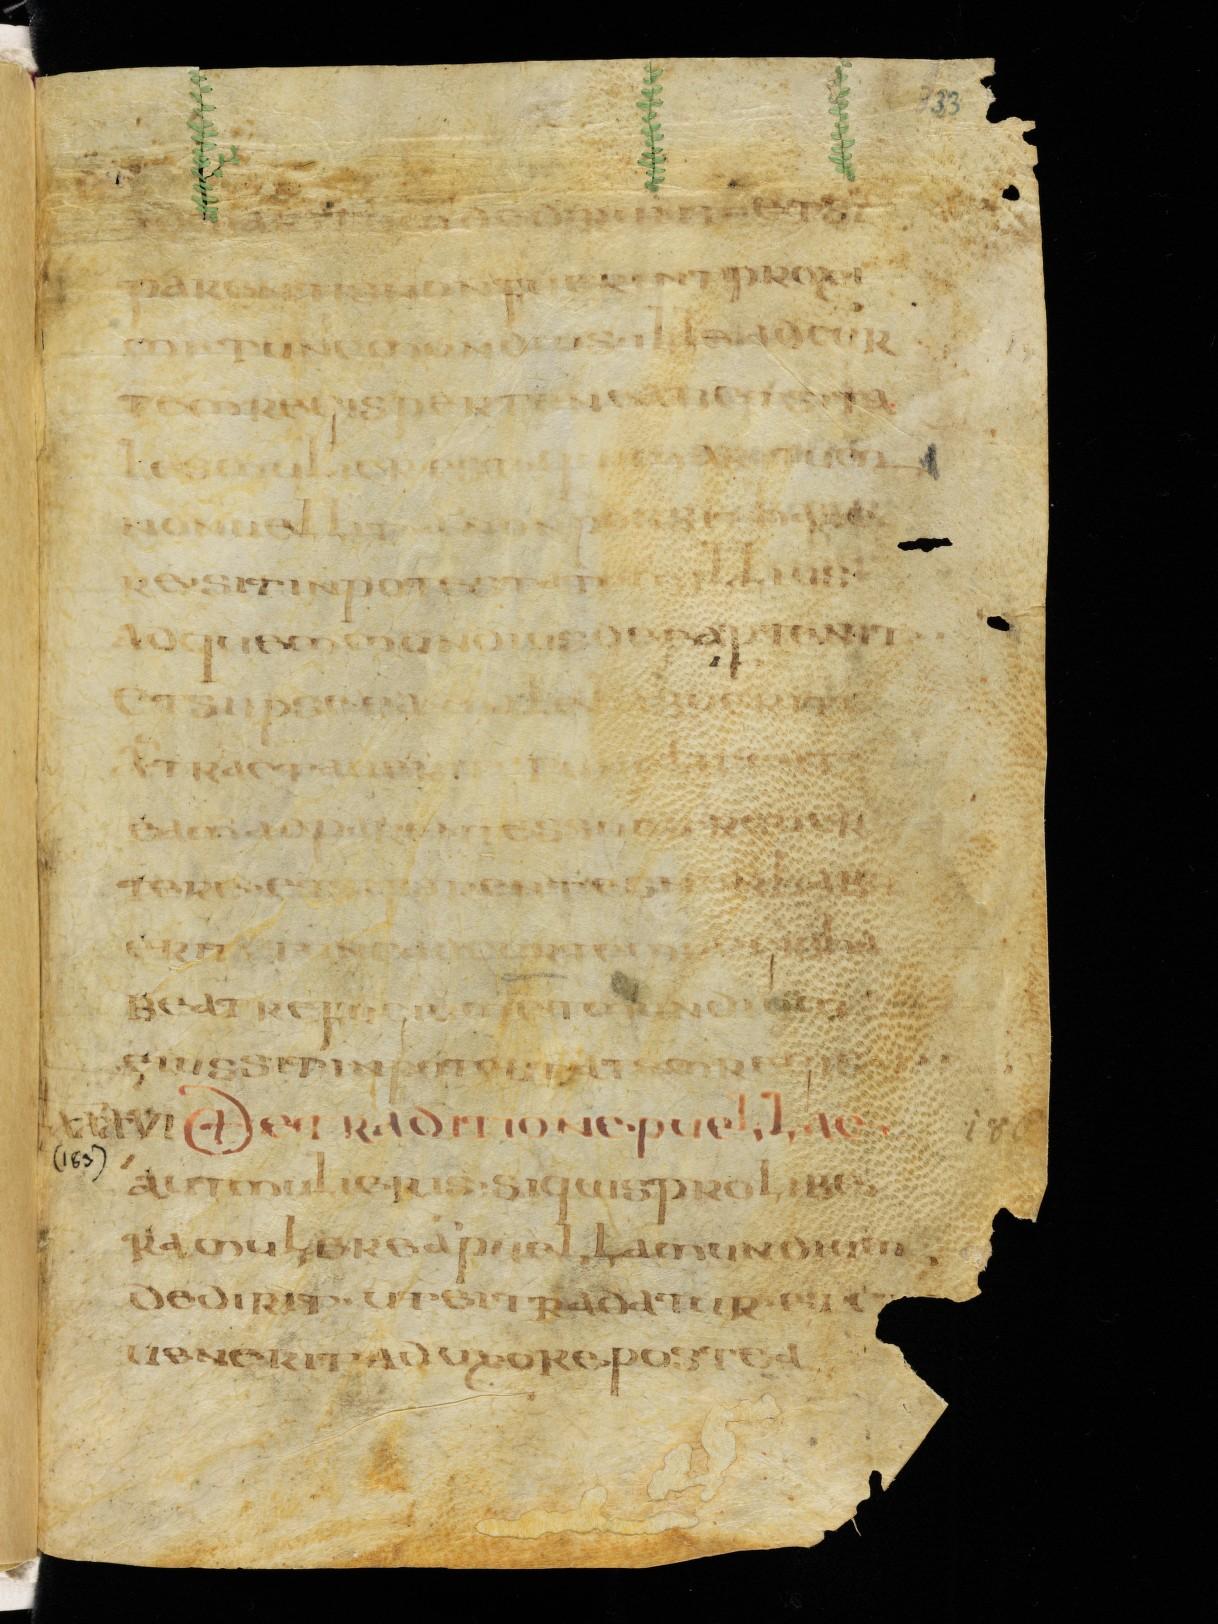 Cod. Sang. 730, p. 33